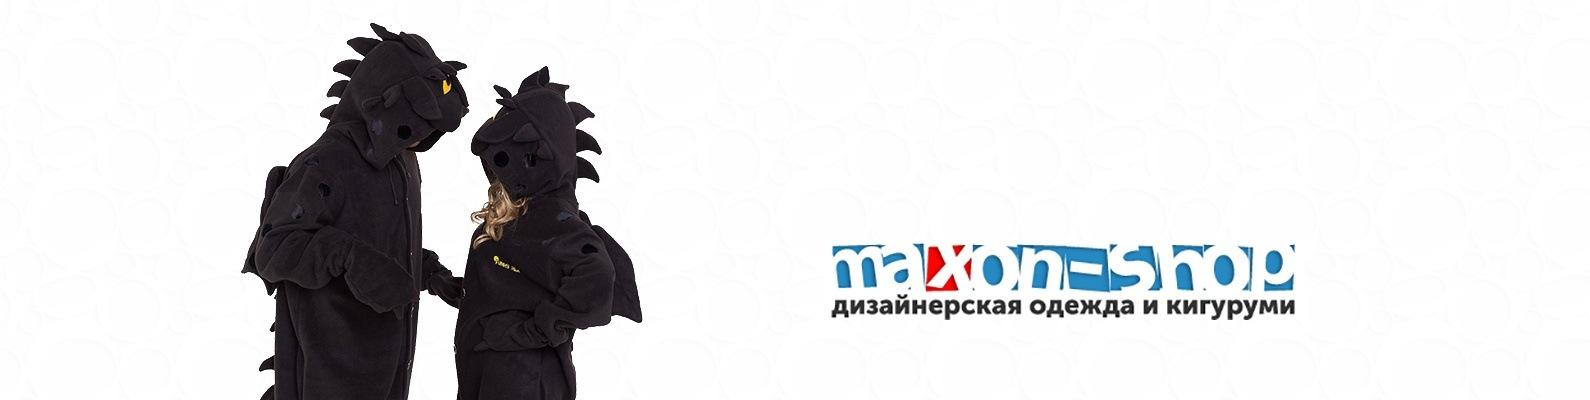 d4173b9f87e0 Maxon-Shop.ru - уютный интернет-магазин | ВКонтакте